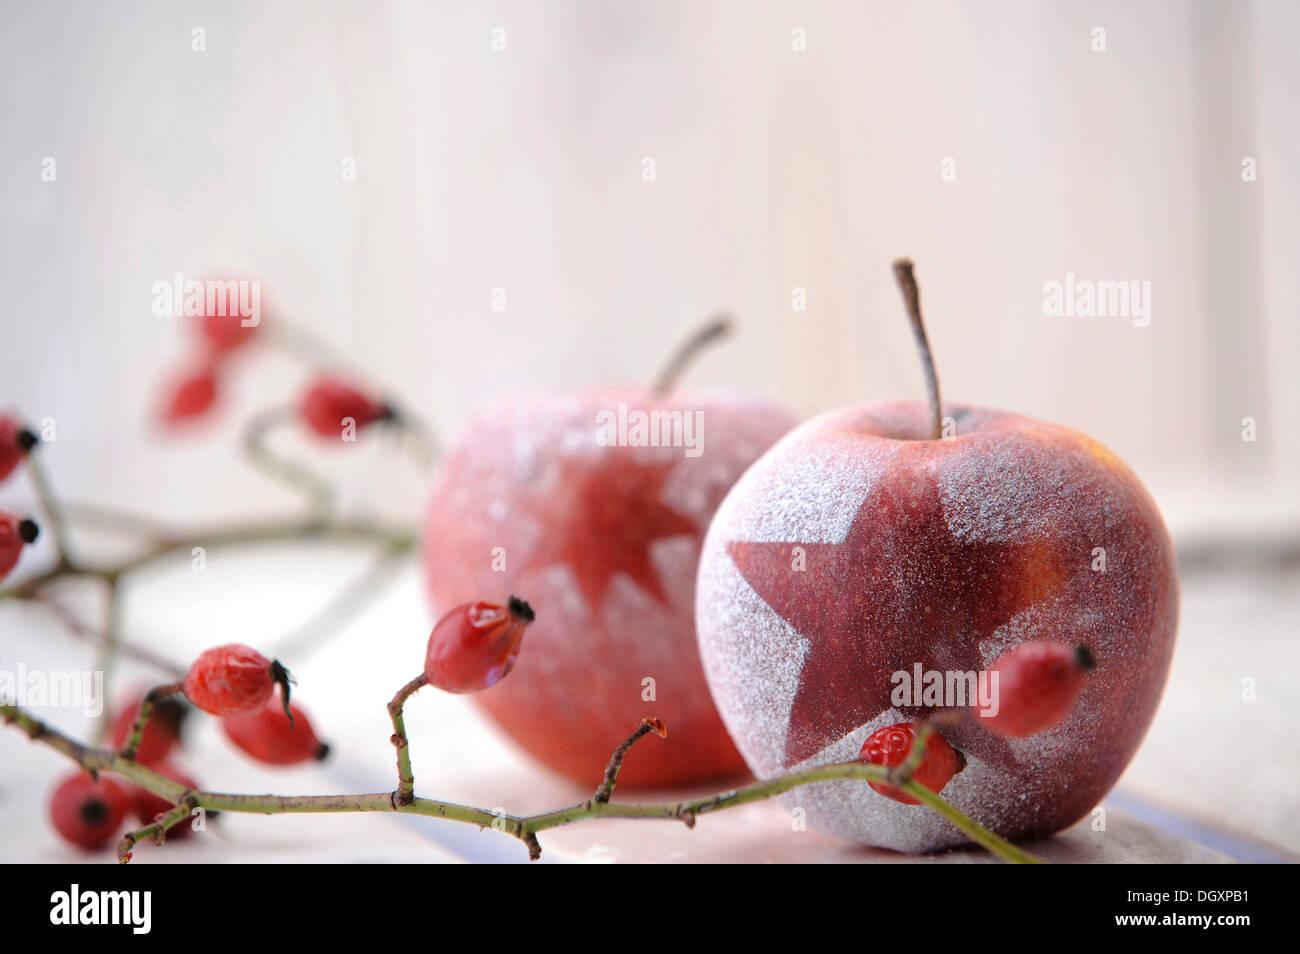 Ambiance de Noël avec des pommes rouges et d'églantier Photo Stock